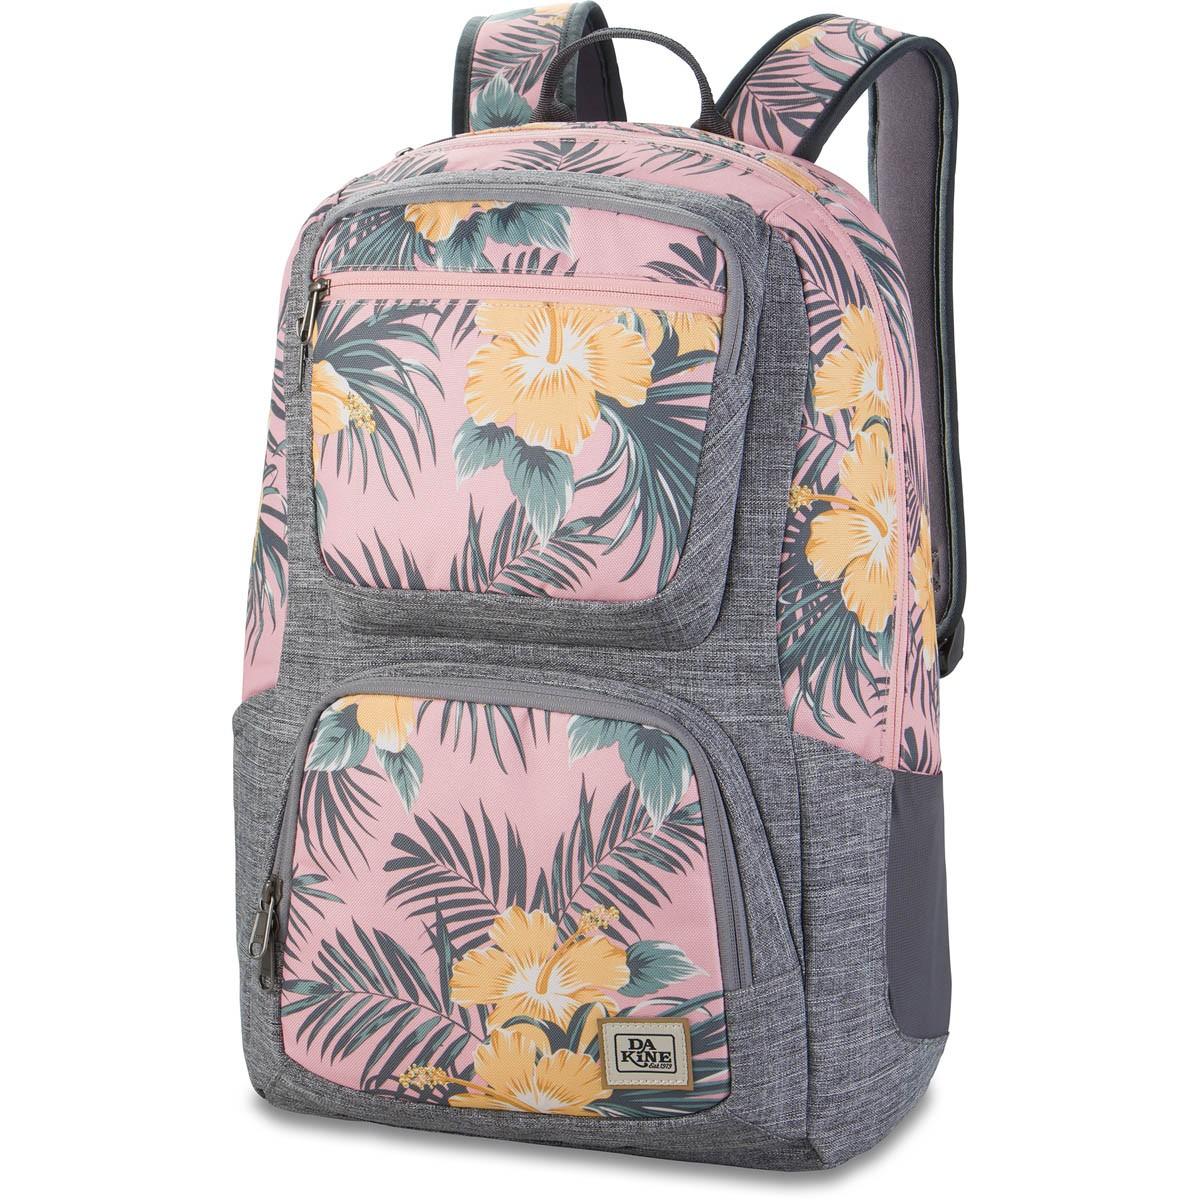 b0e6fbf0a0807 Dakine Jewel 26L Backpack Hanalei